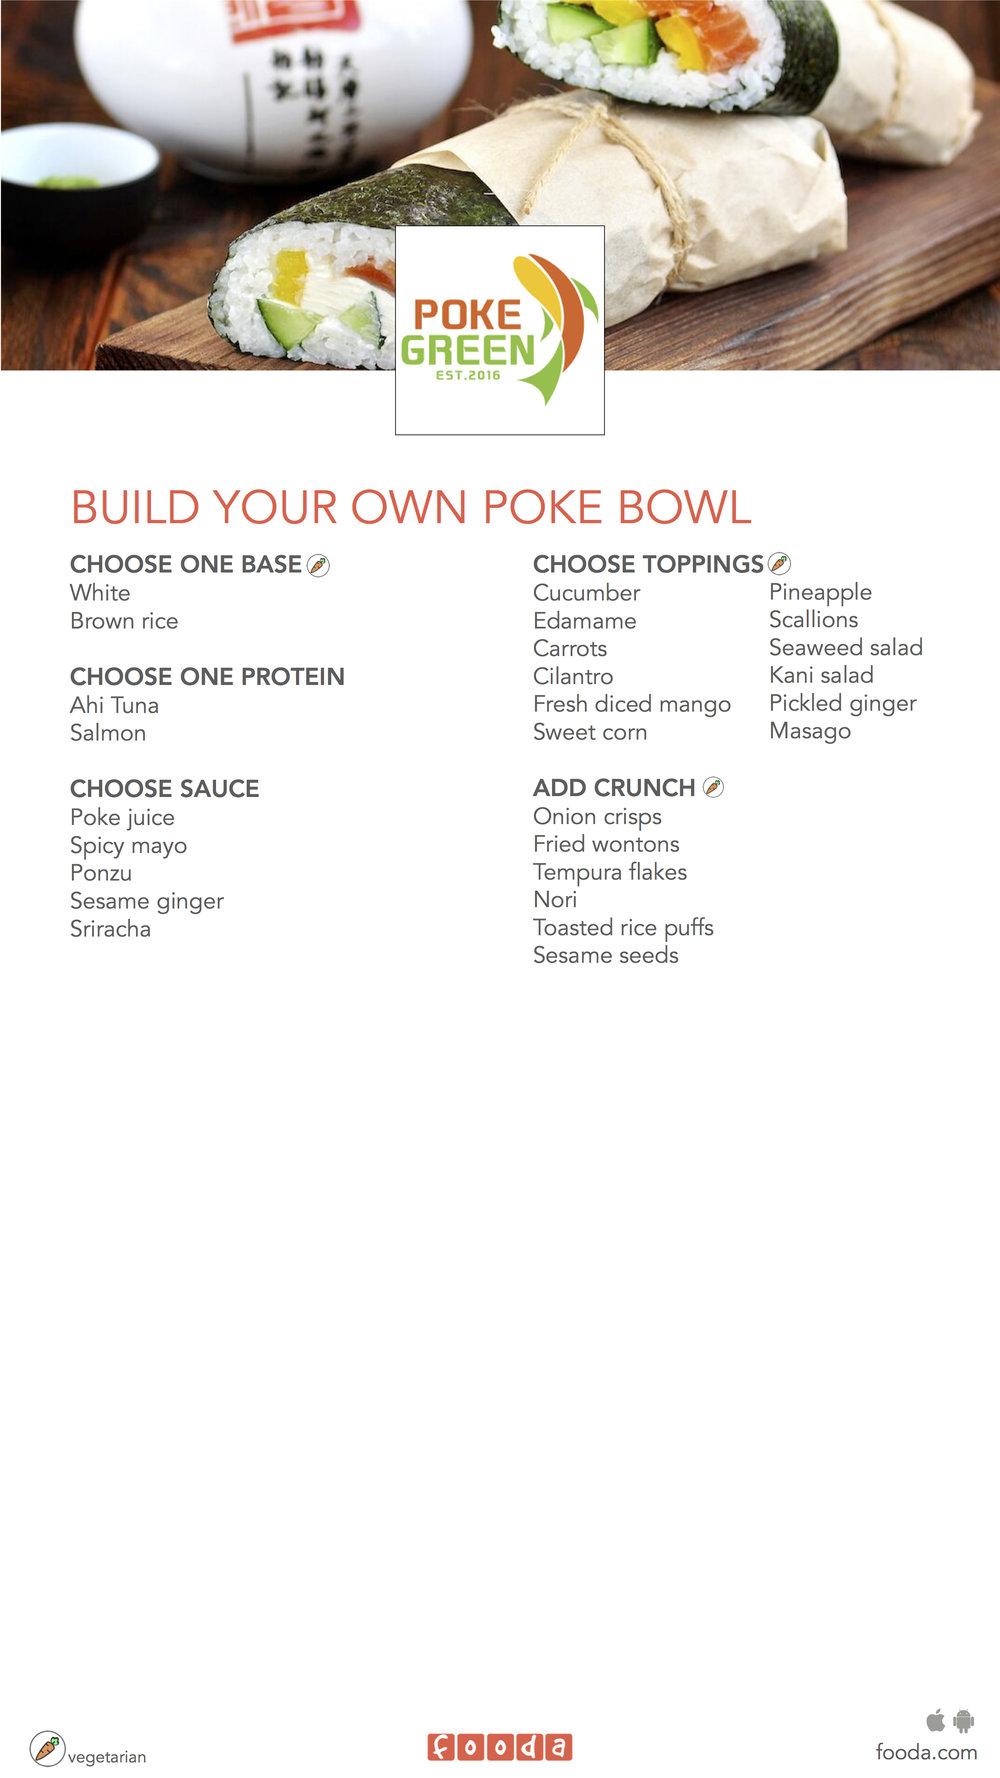 PPP Poke Green (Poke Bowls) 4.9.18.jpg